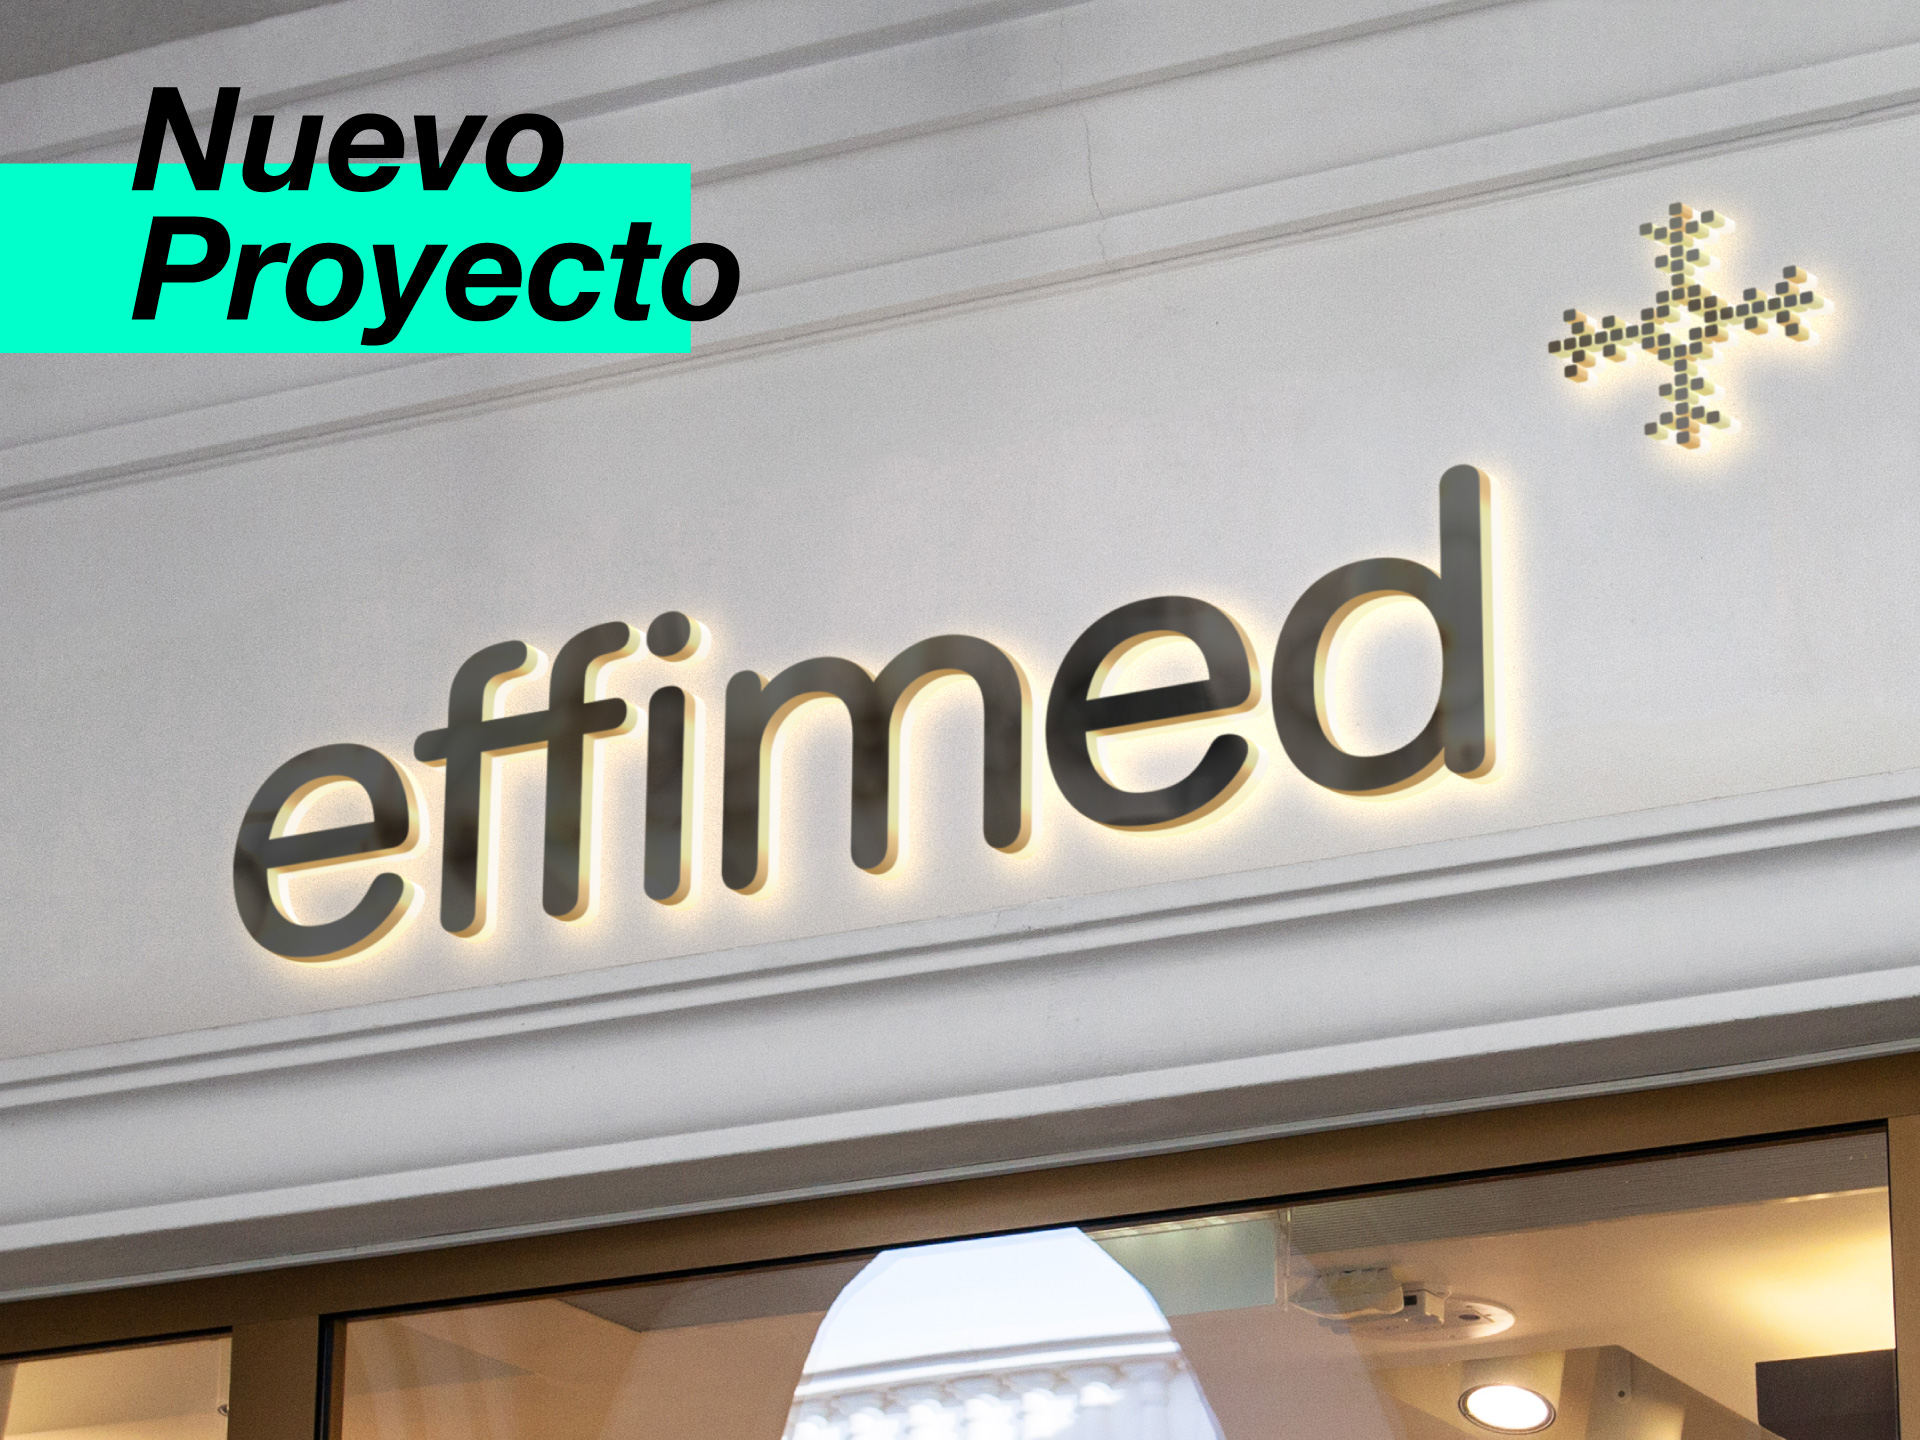 Comenzamos a trabajar con Effimed, nuevo cliente de Parnaso - Parnaso